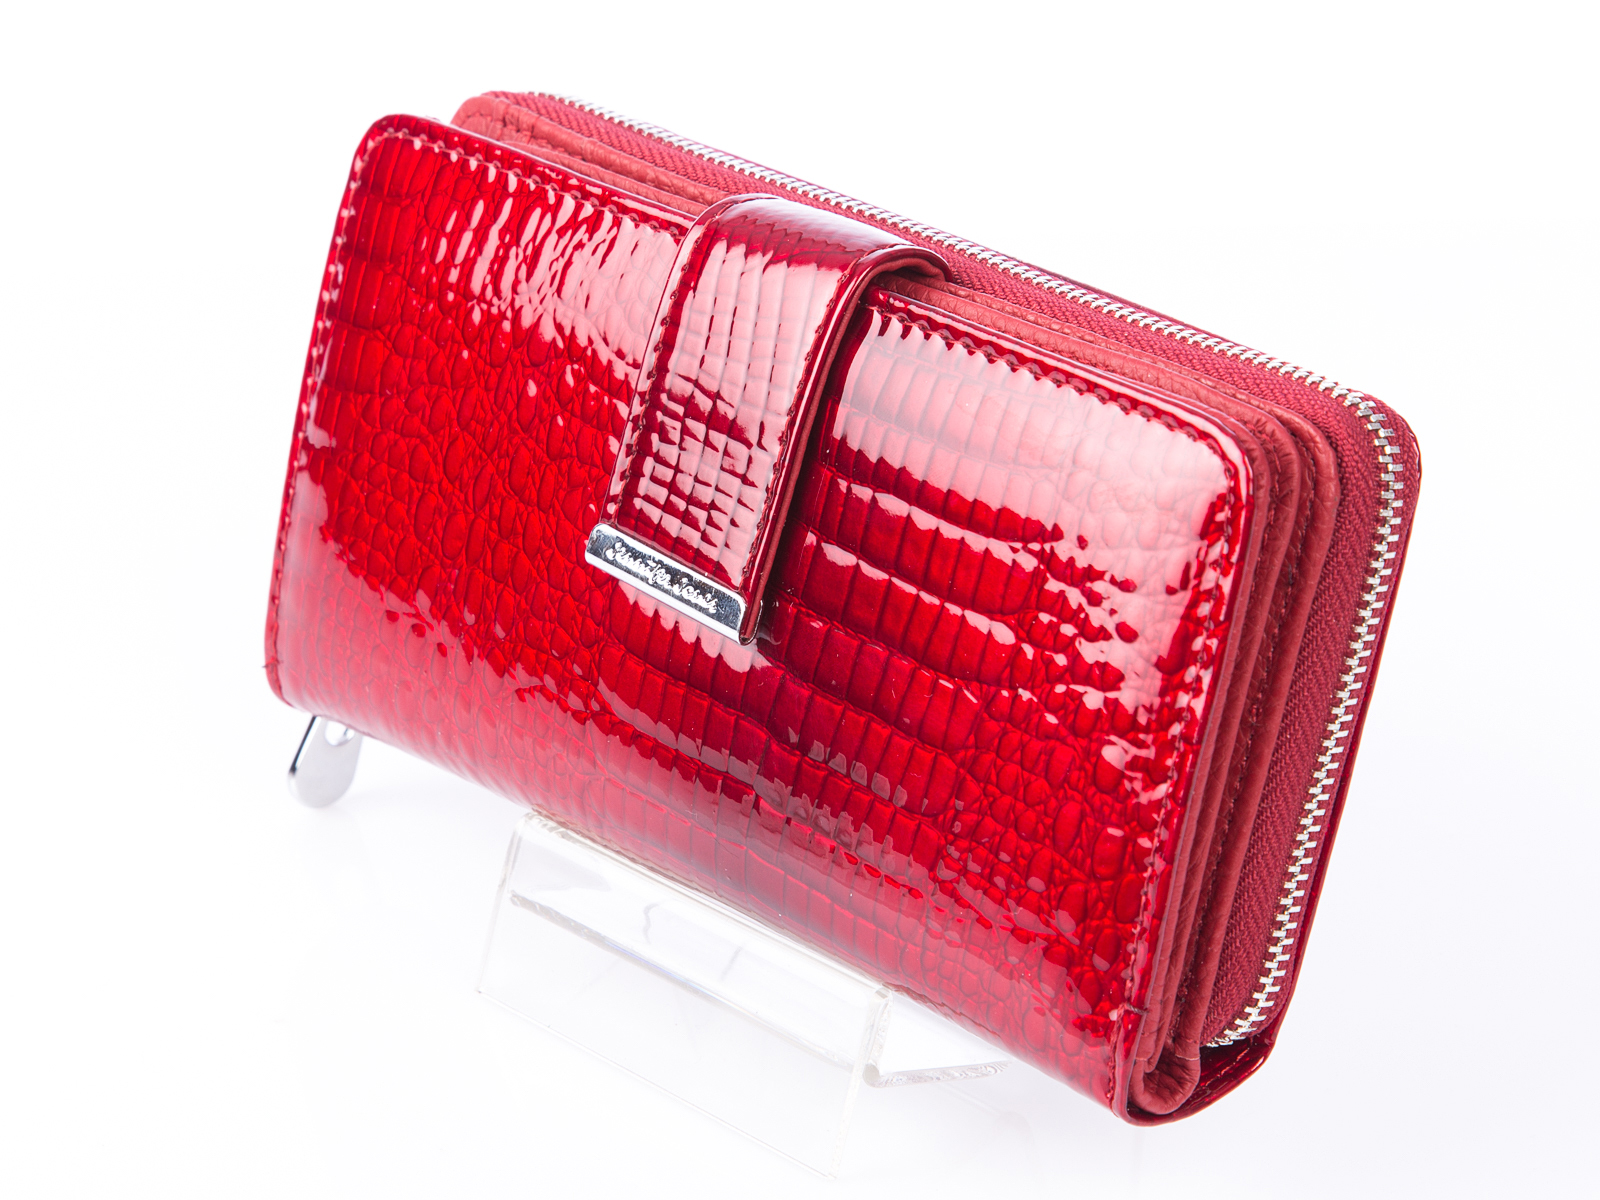 Skorzane portfele damskie (3)